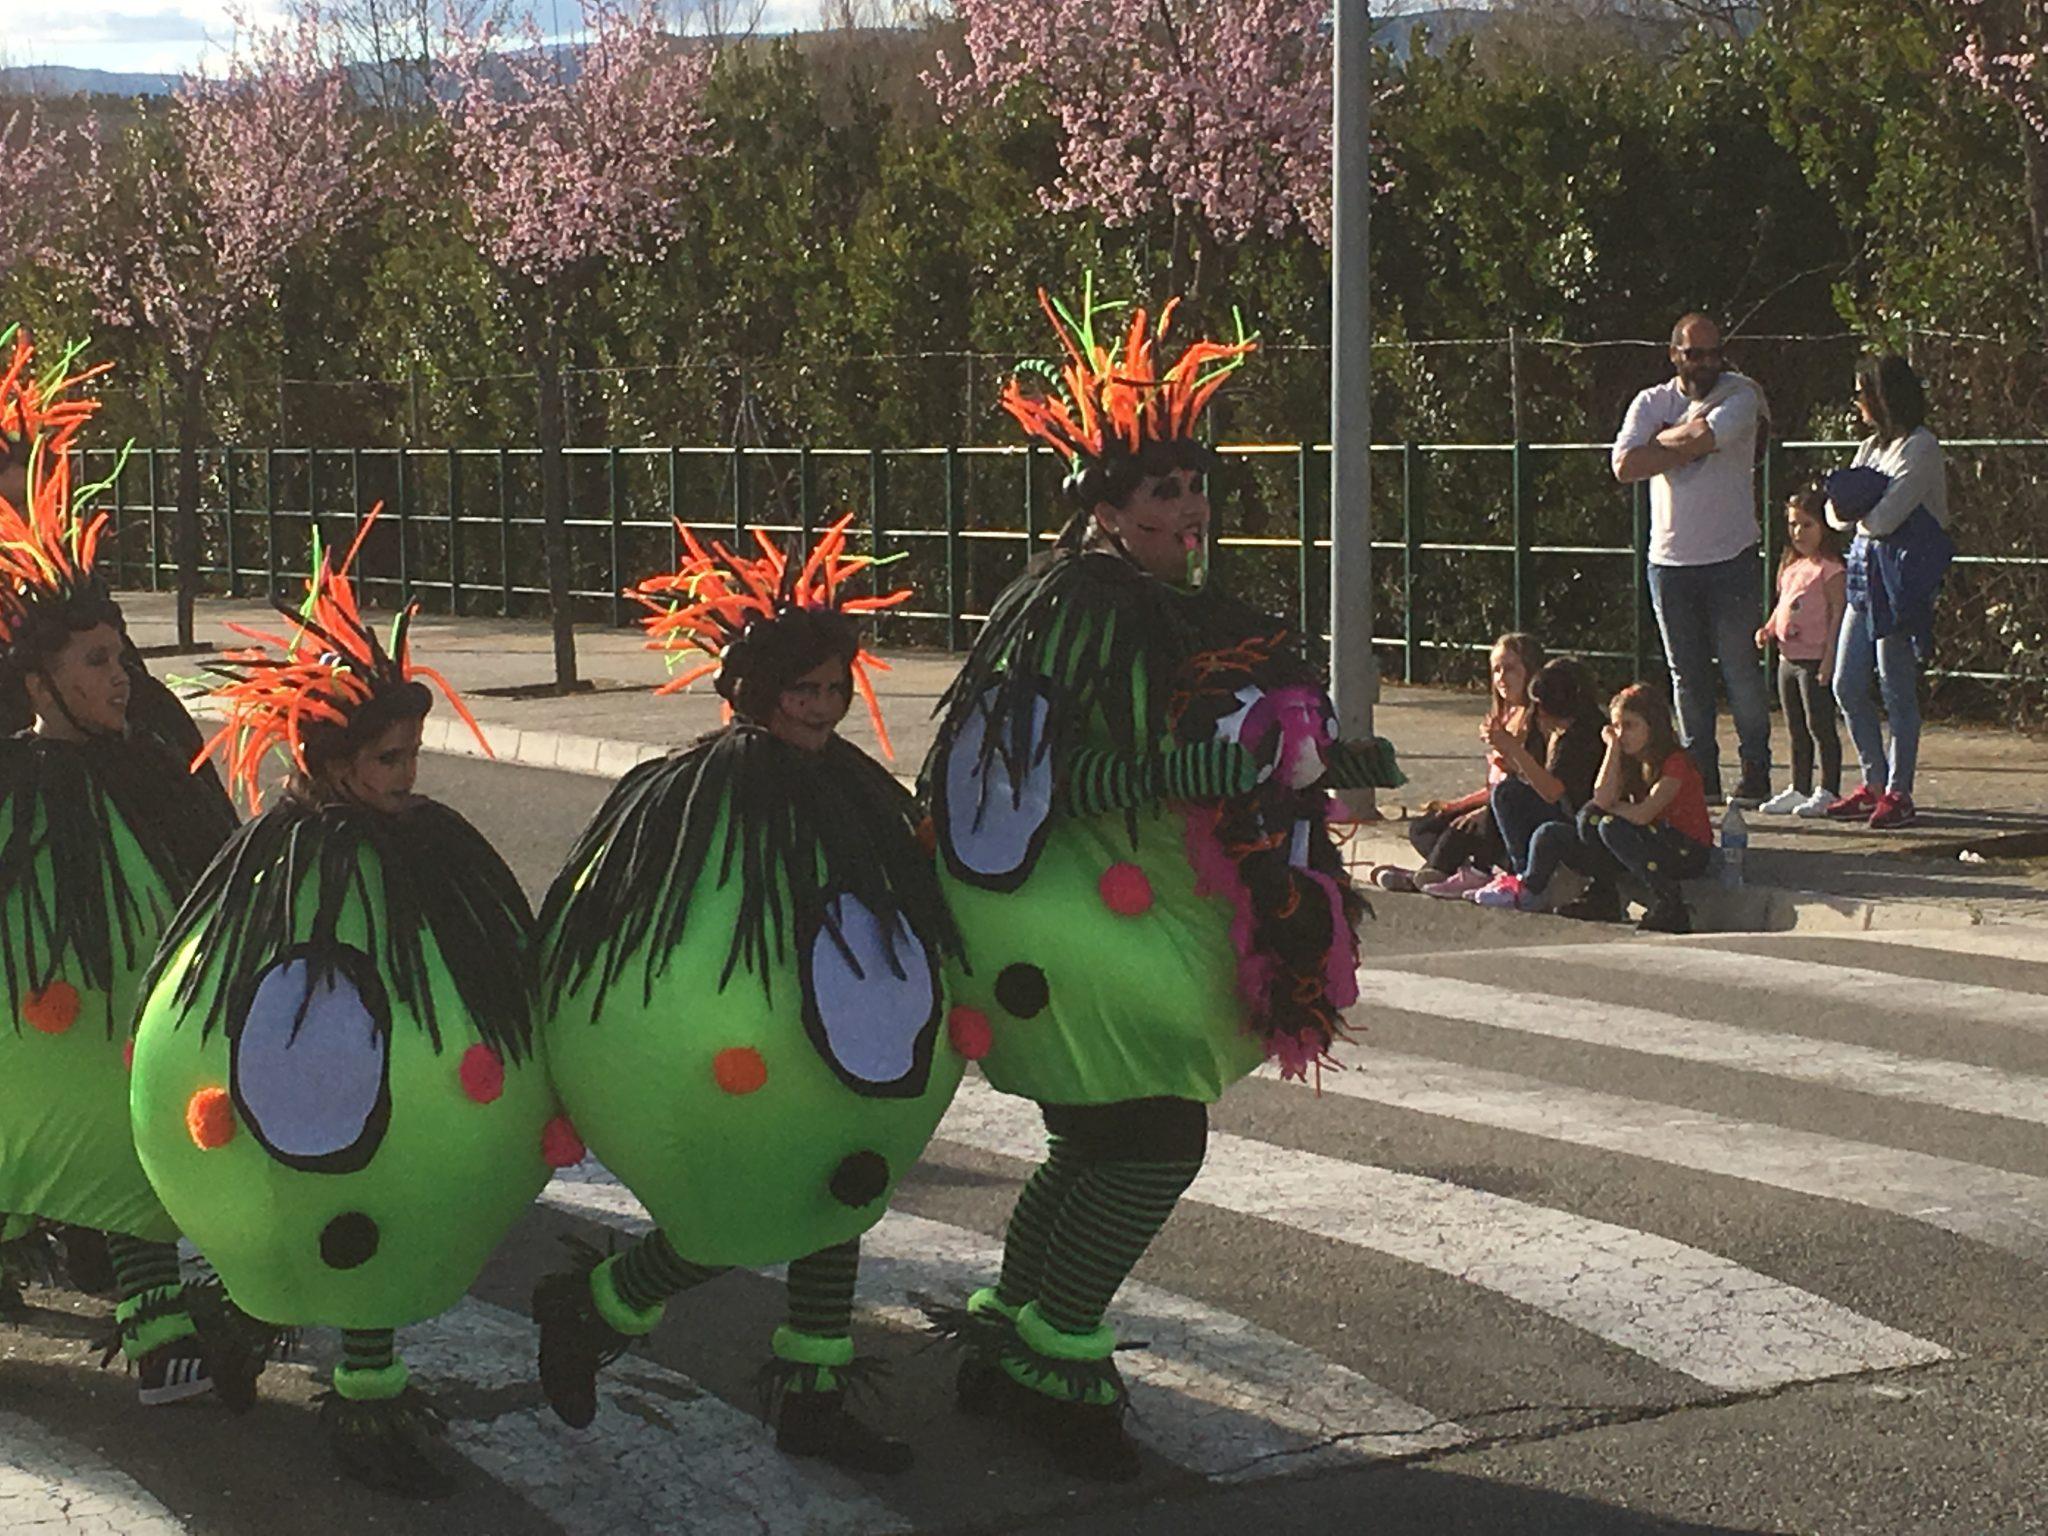 Desfile de Carnaval Cubillos del Sil 2019 - Álbum de fotos 13